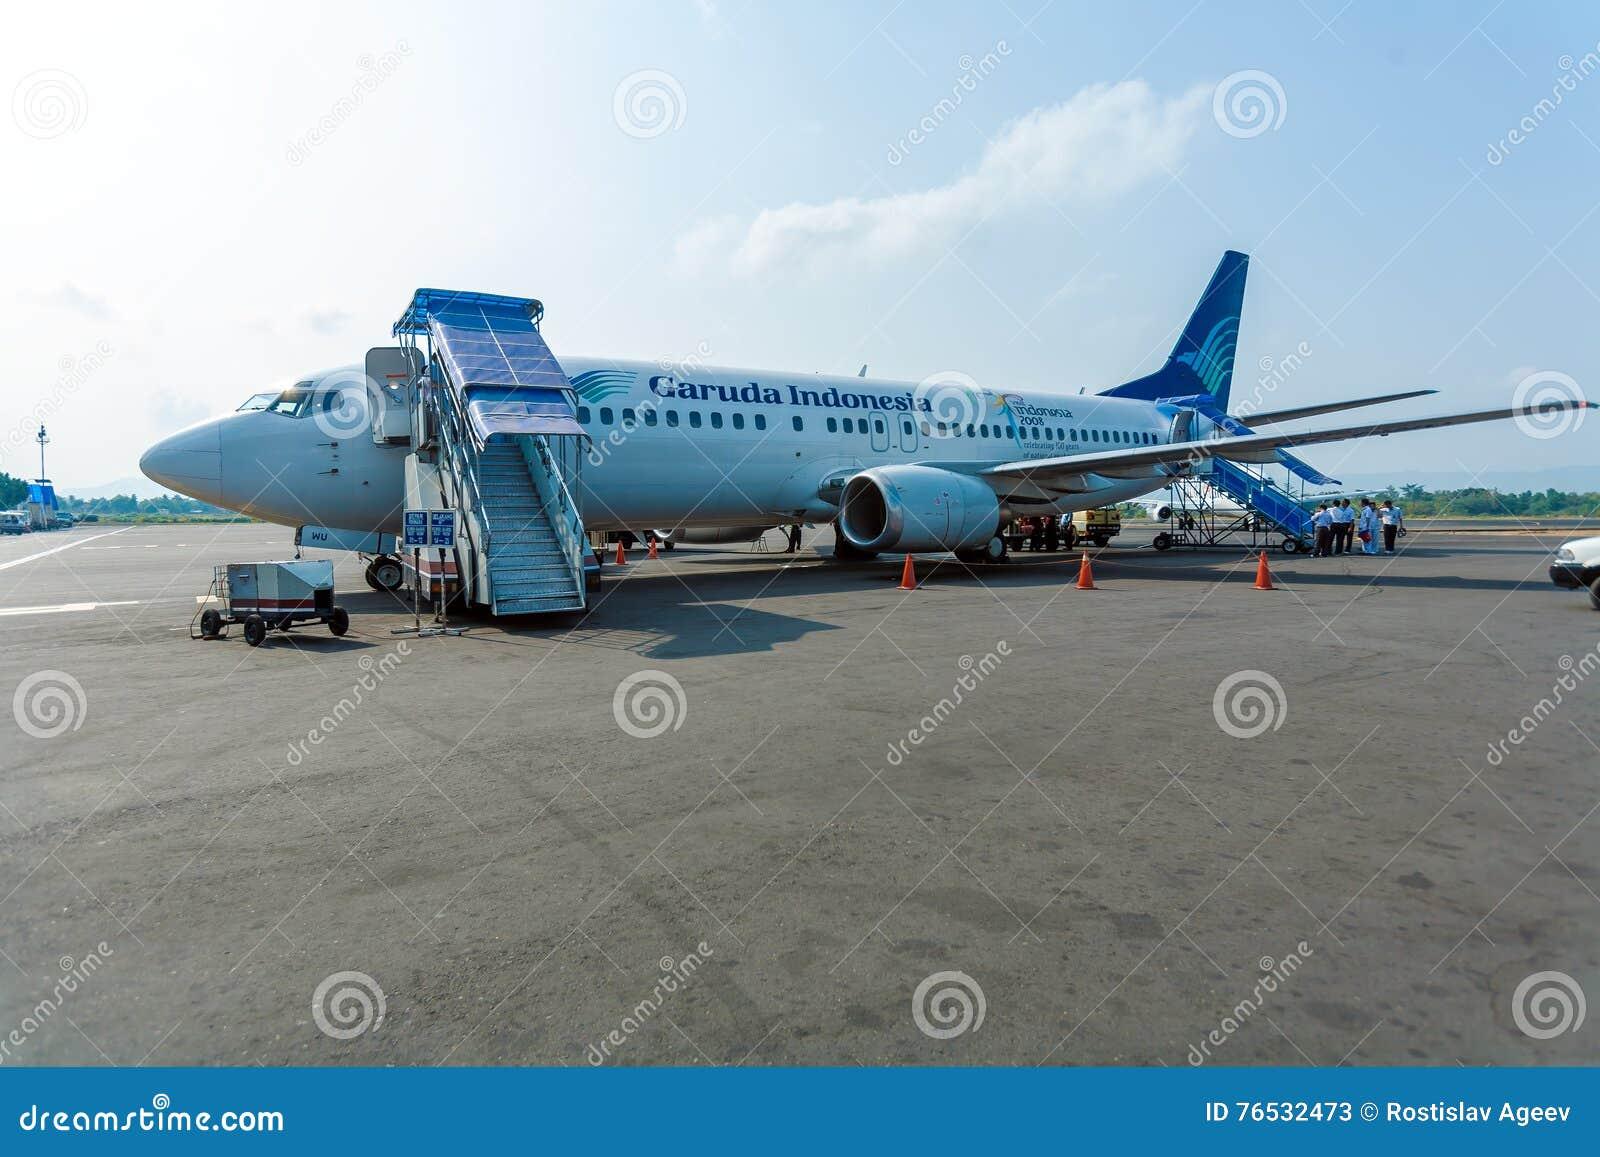 Aeroporto Bali : Aeroporto de bali indonÉsia de agosto de avião de